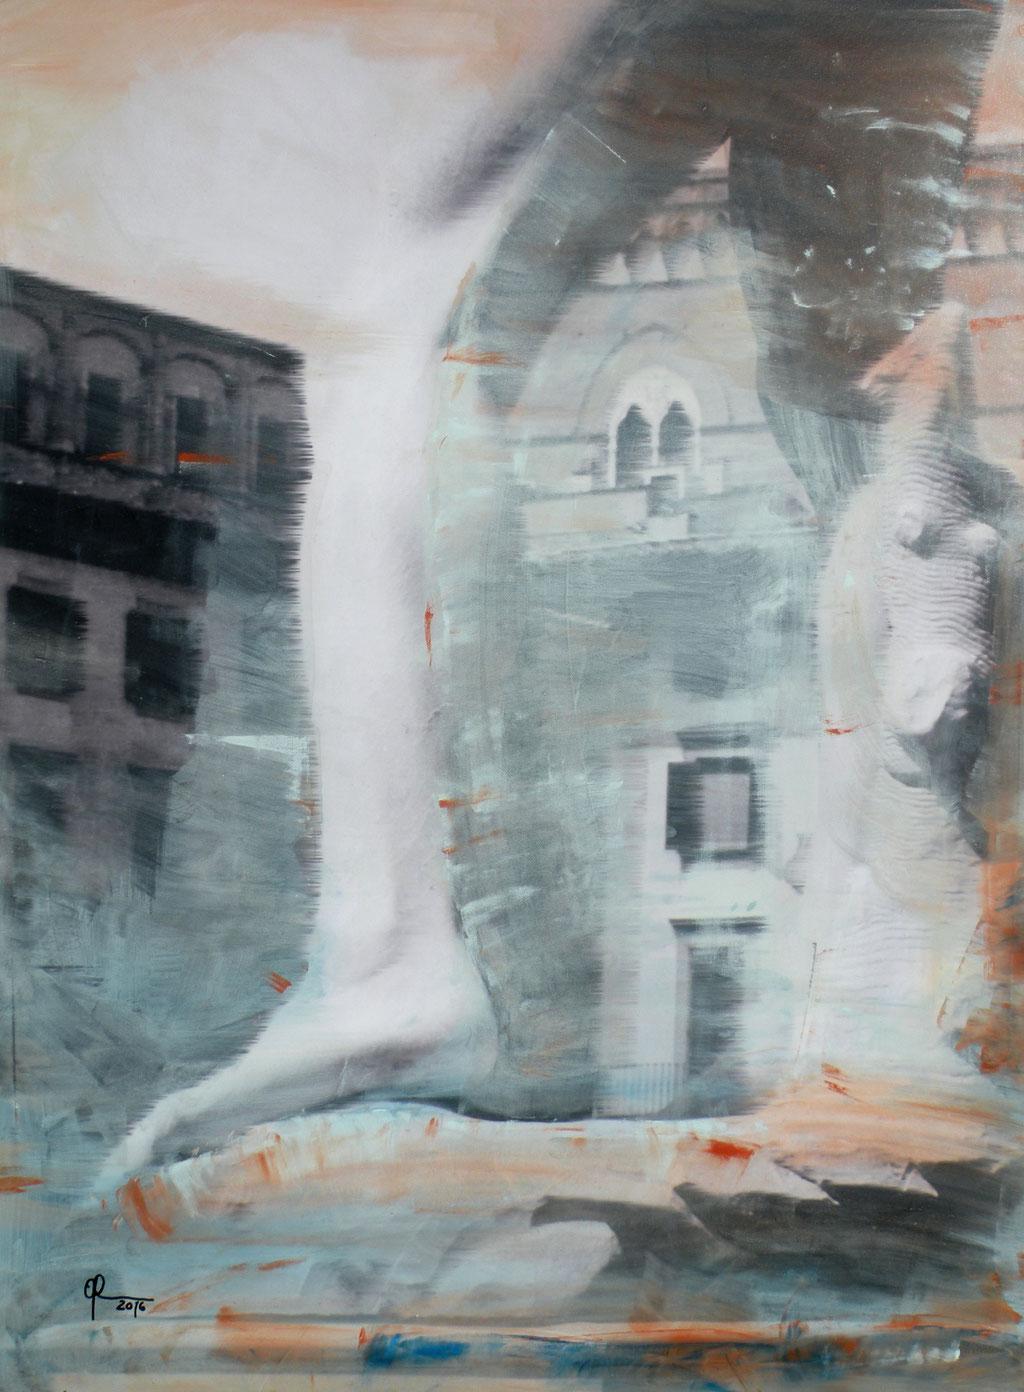 Der Sockel des David, Florenz, 75 x 100 cm, Mischtechnik auf Leinwand, 2016